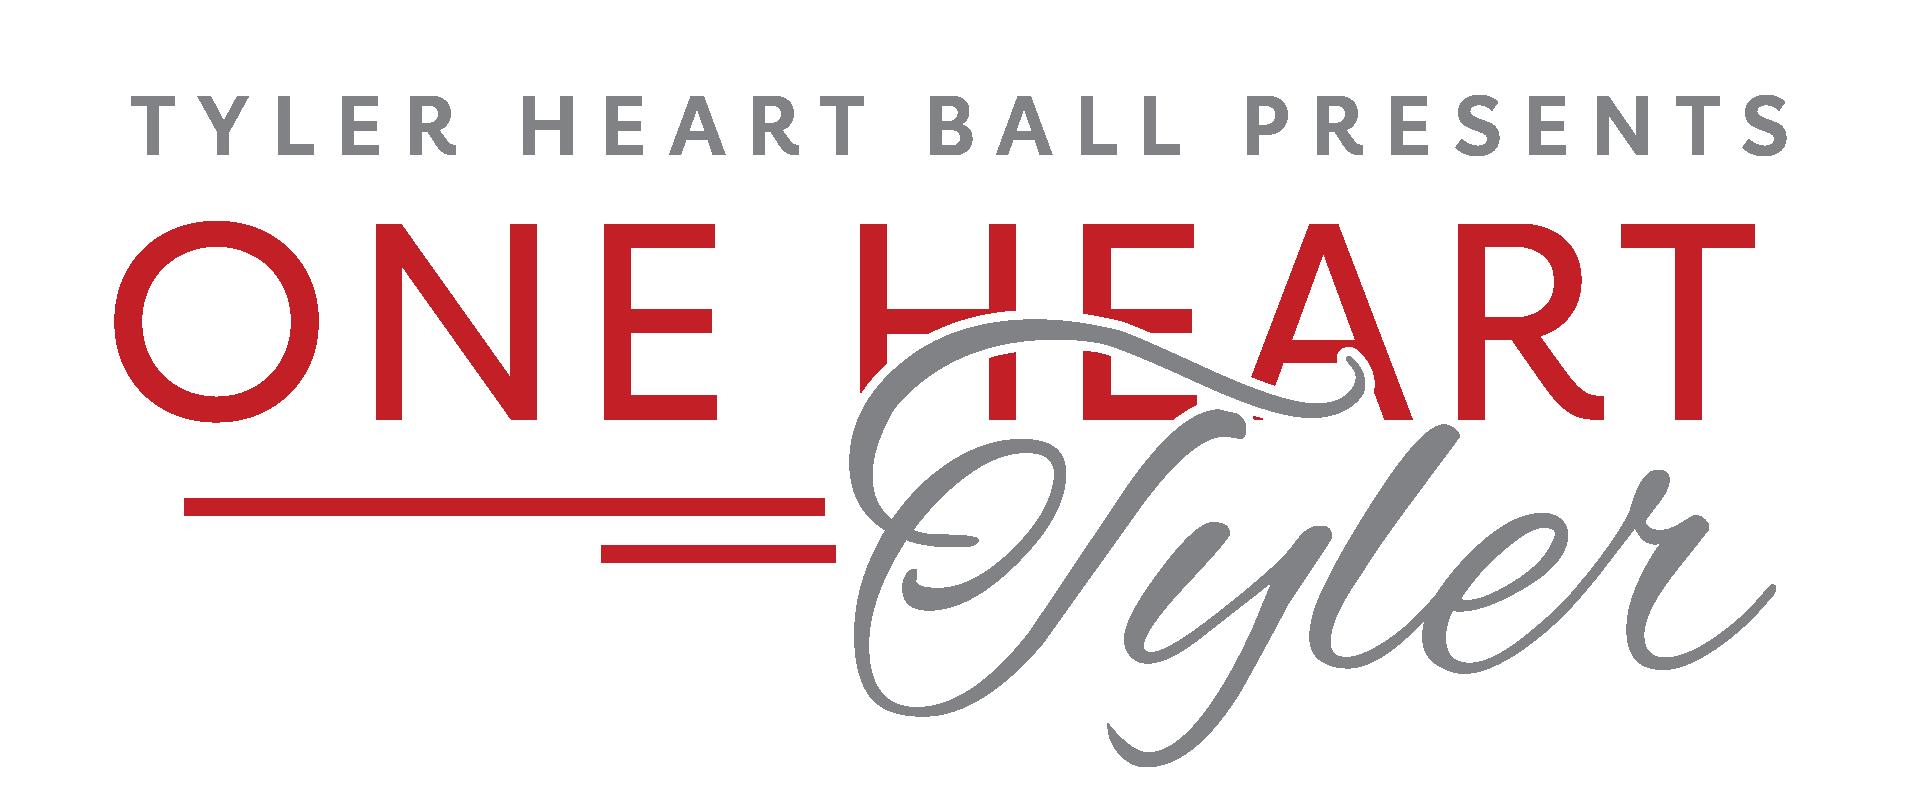 Tyler Heart Ball Presents One Heart Tyler